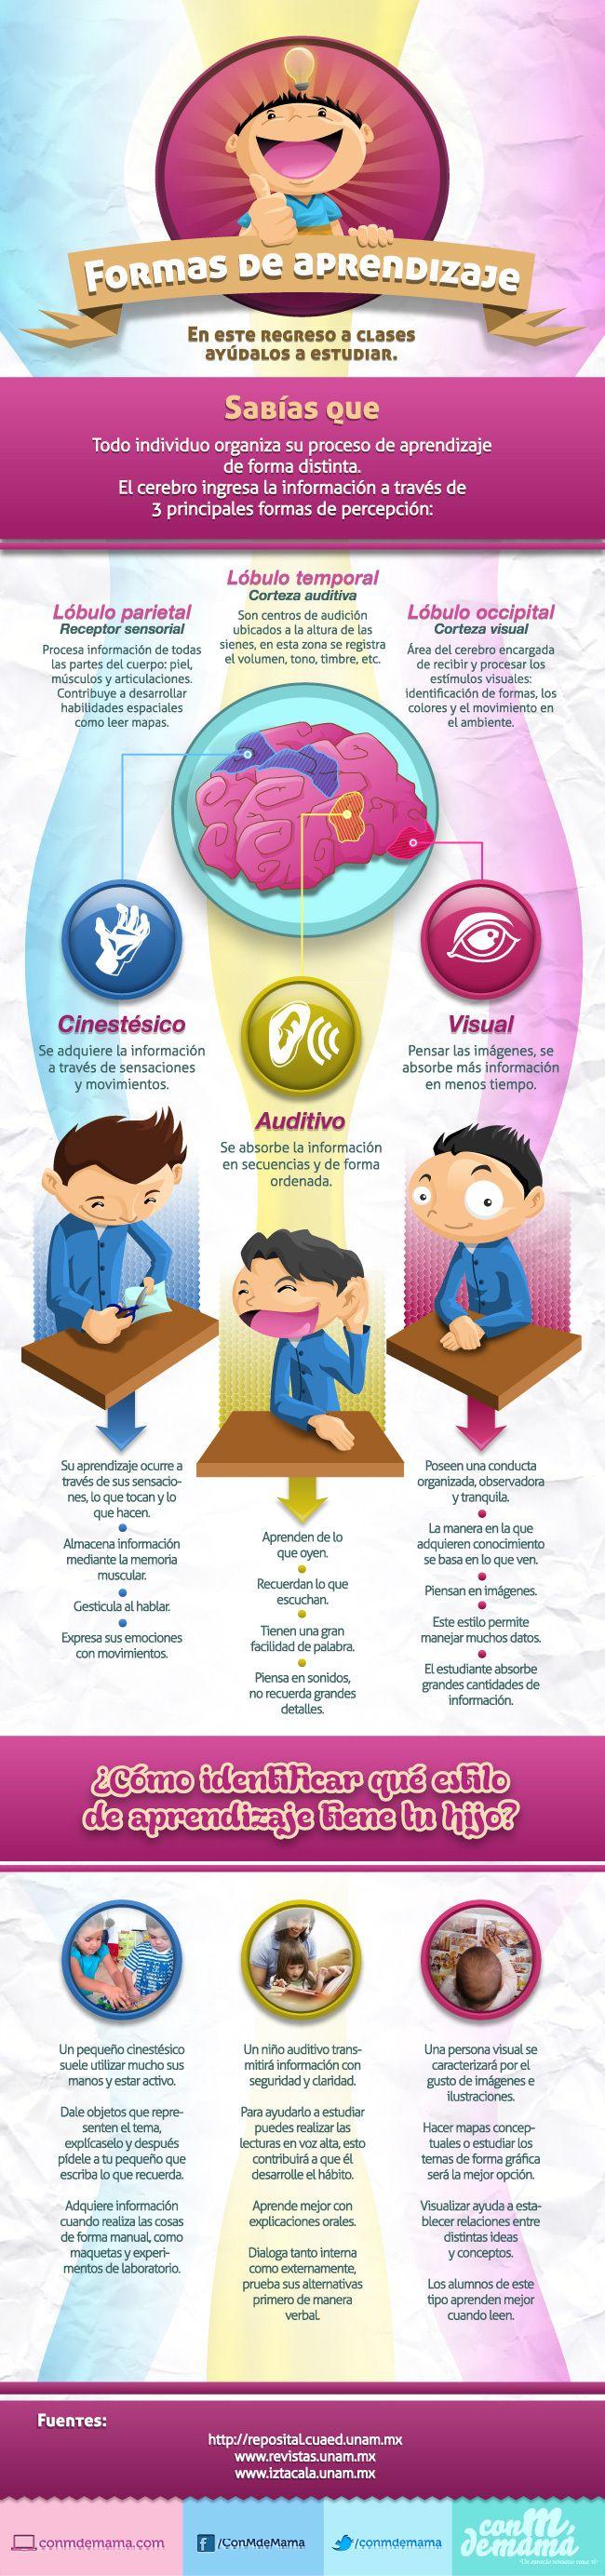 Aprendizaje – 3 Formas de Percepción Cerebral